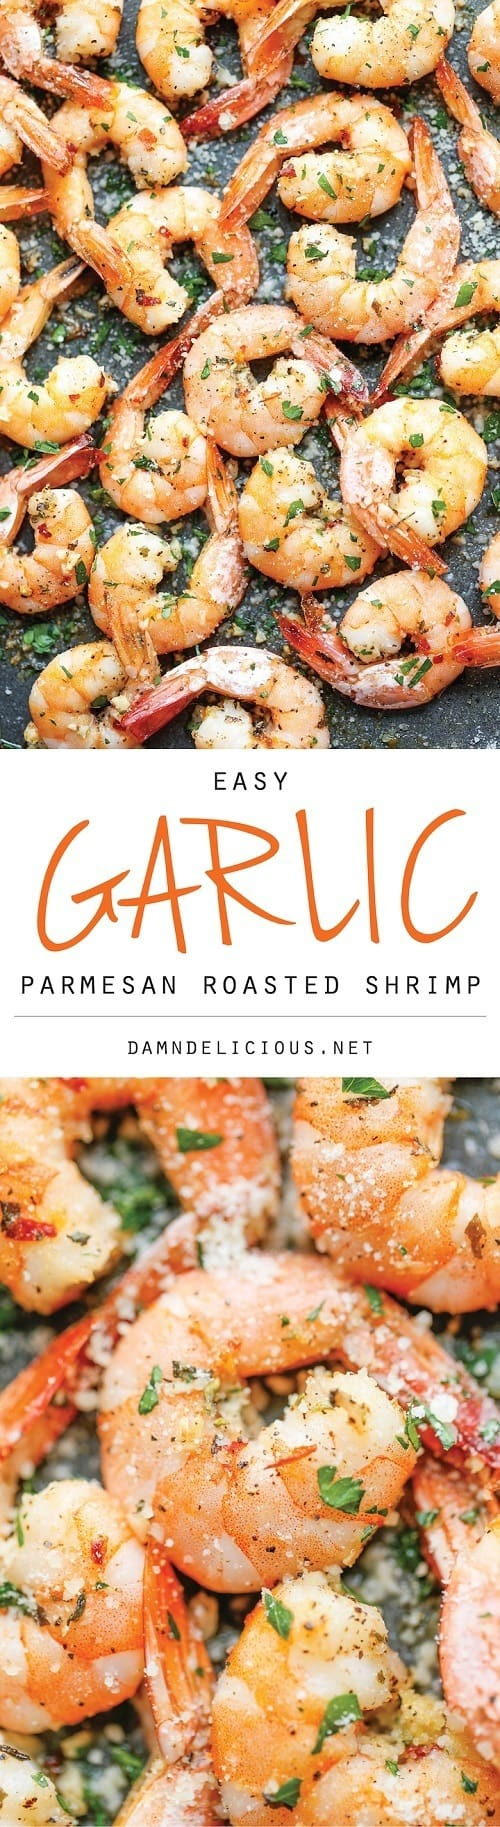 keto-garlic-parmesan-roasted-shrimp